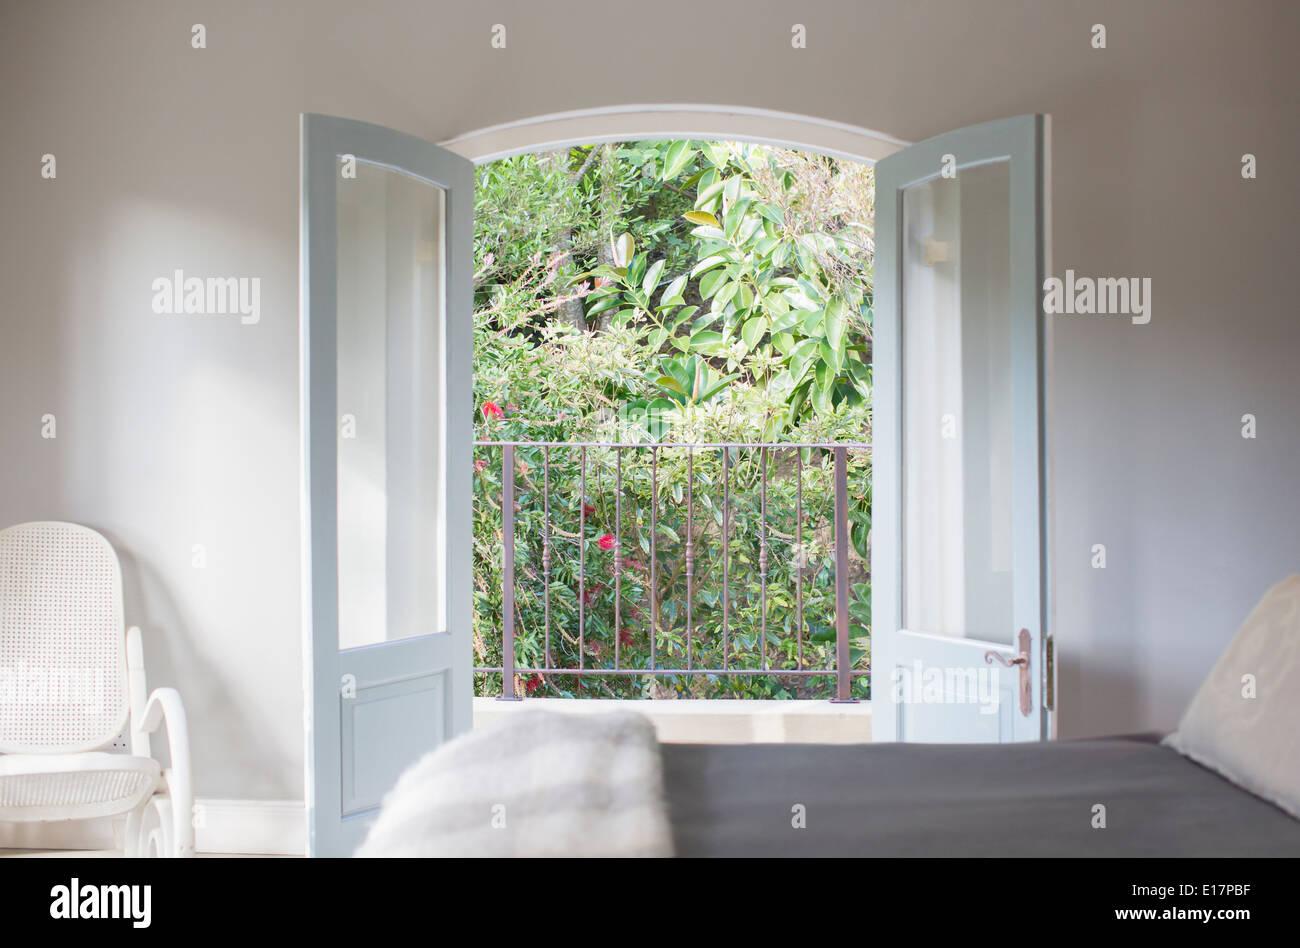 French doors open to balcony in luxury bedroom - Stock Image & French Door Garden Stock Photos \u0026 French Door Garden Stock Images ...